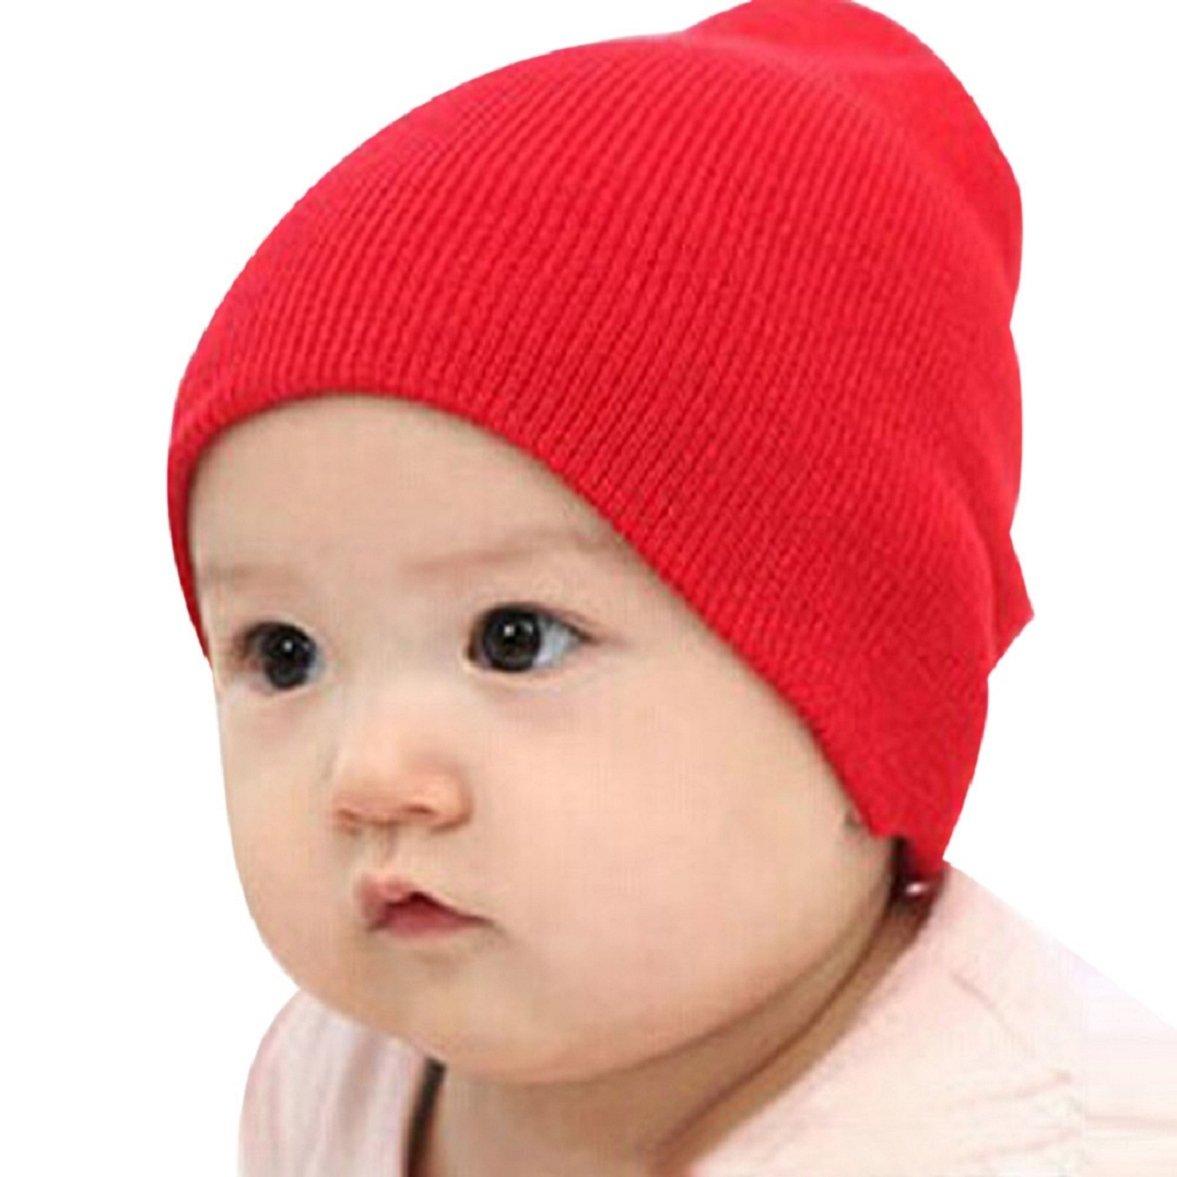 Amison Baby Beanie Boy Girls Soft Hat Children Winter Warm Kids Cap Amison-449